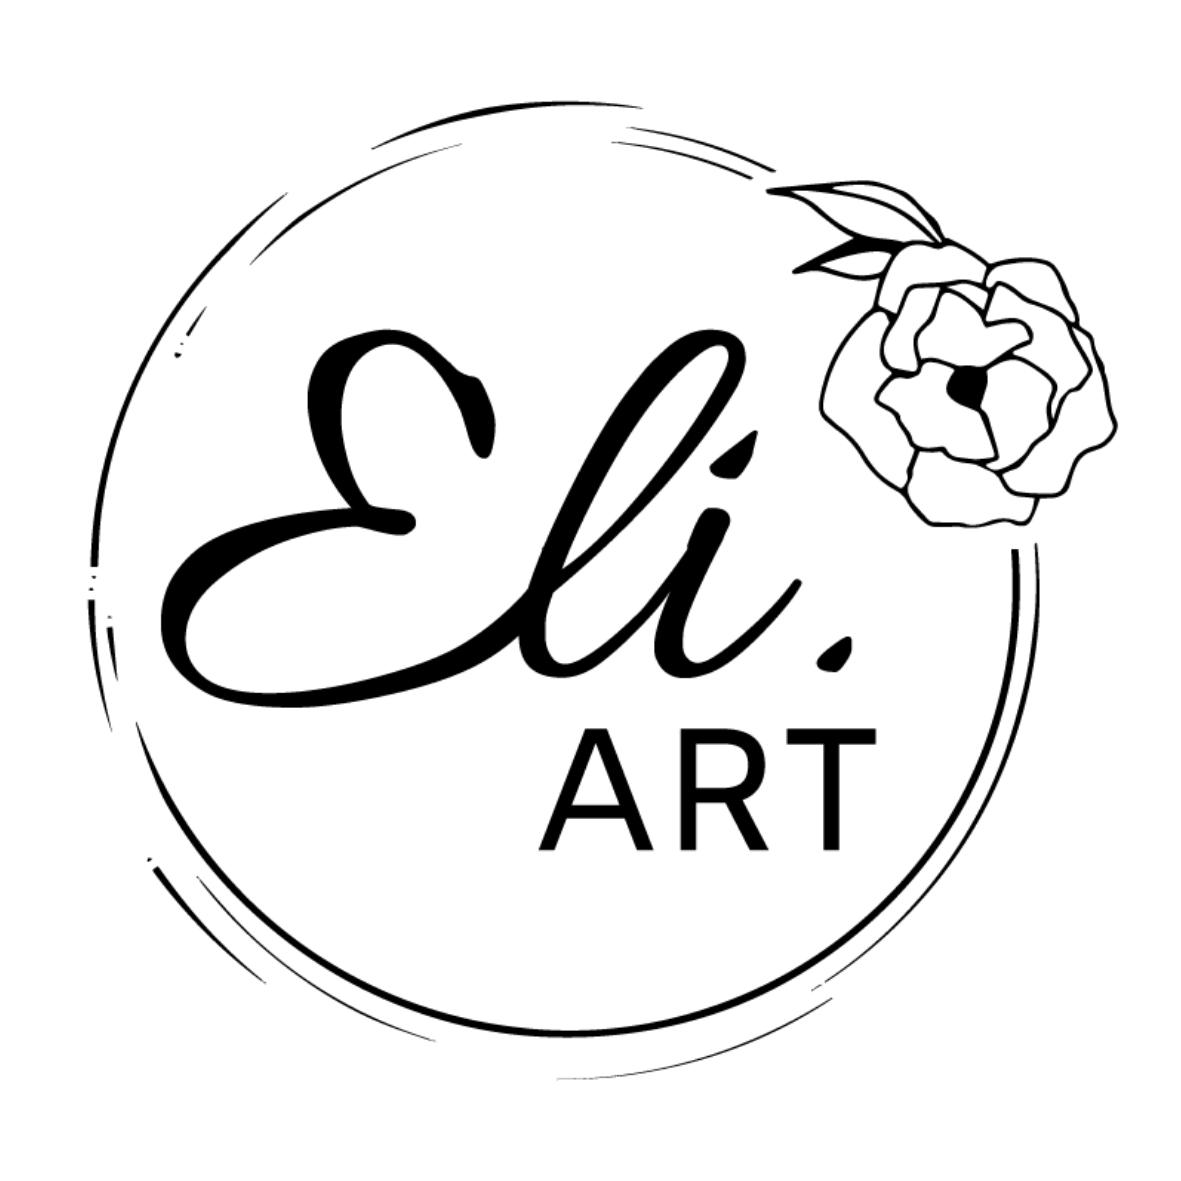 O Eli.ART